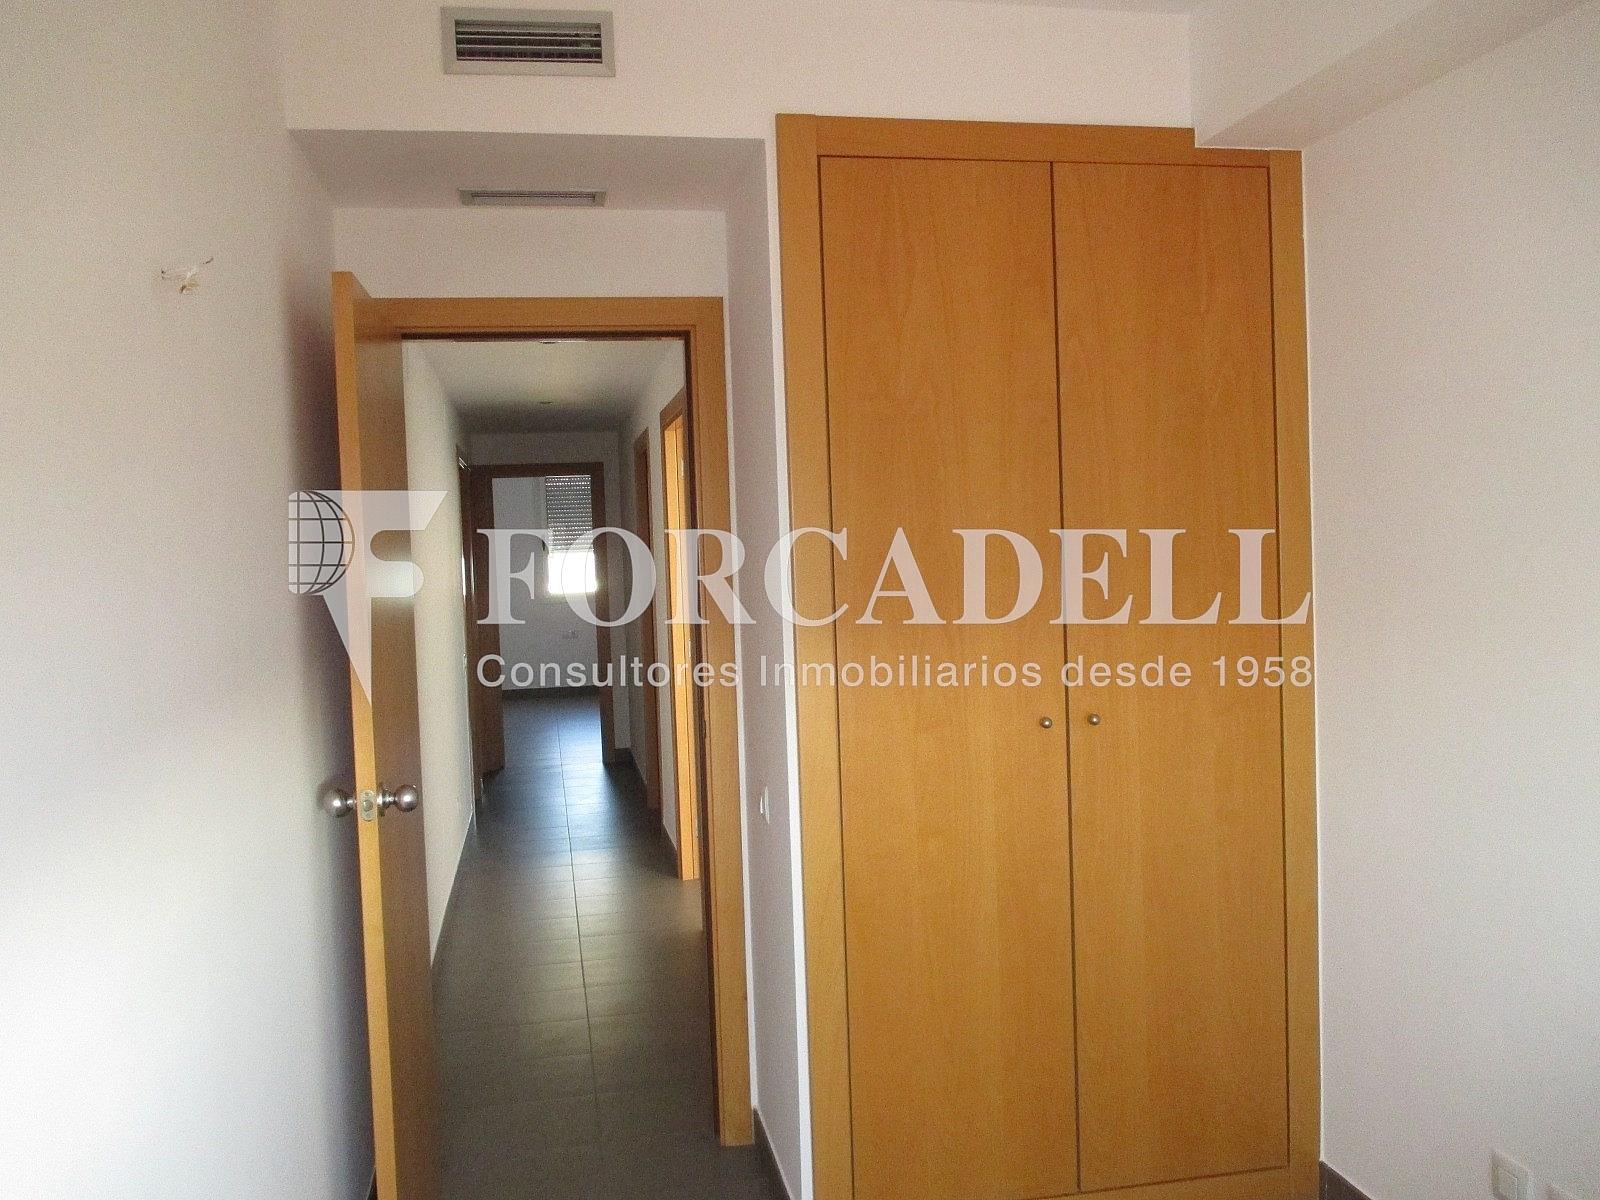 IMG_2677 - Piso en alquiler en calle Merce Rodoreda, Can clota en Esplugues de Llobregat - 331432071